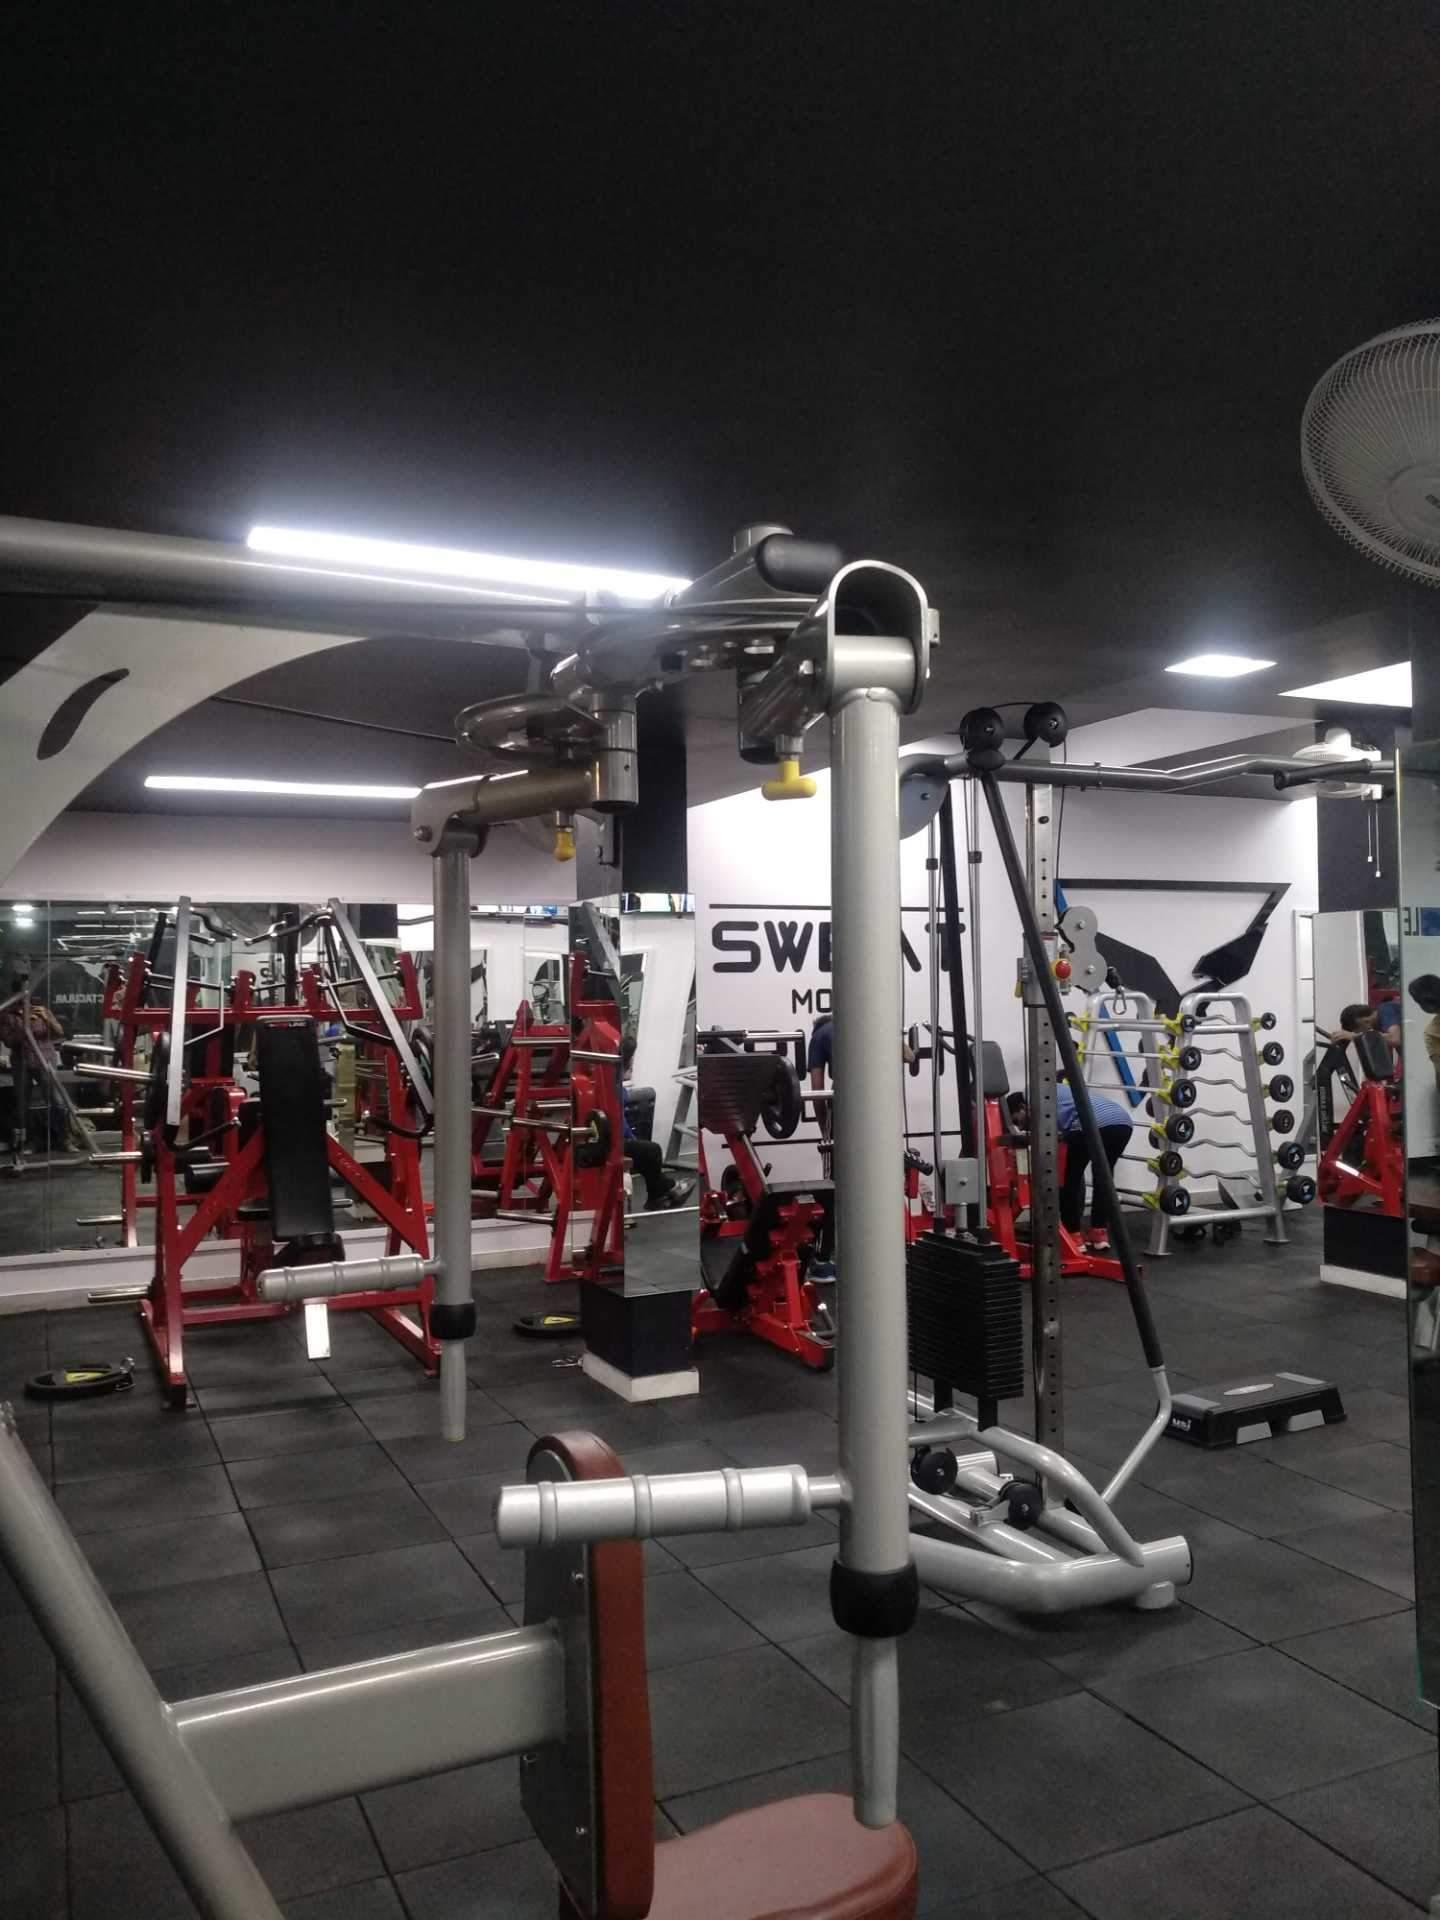 Shadozzz Gym